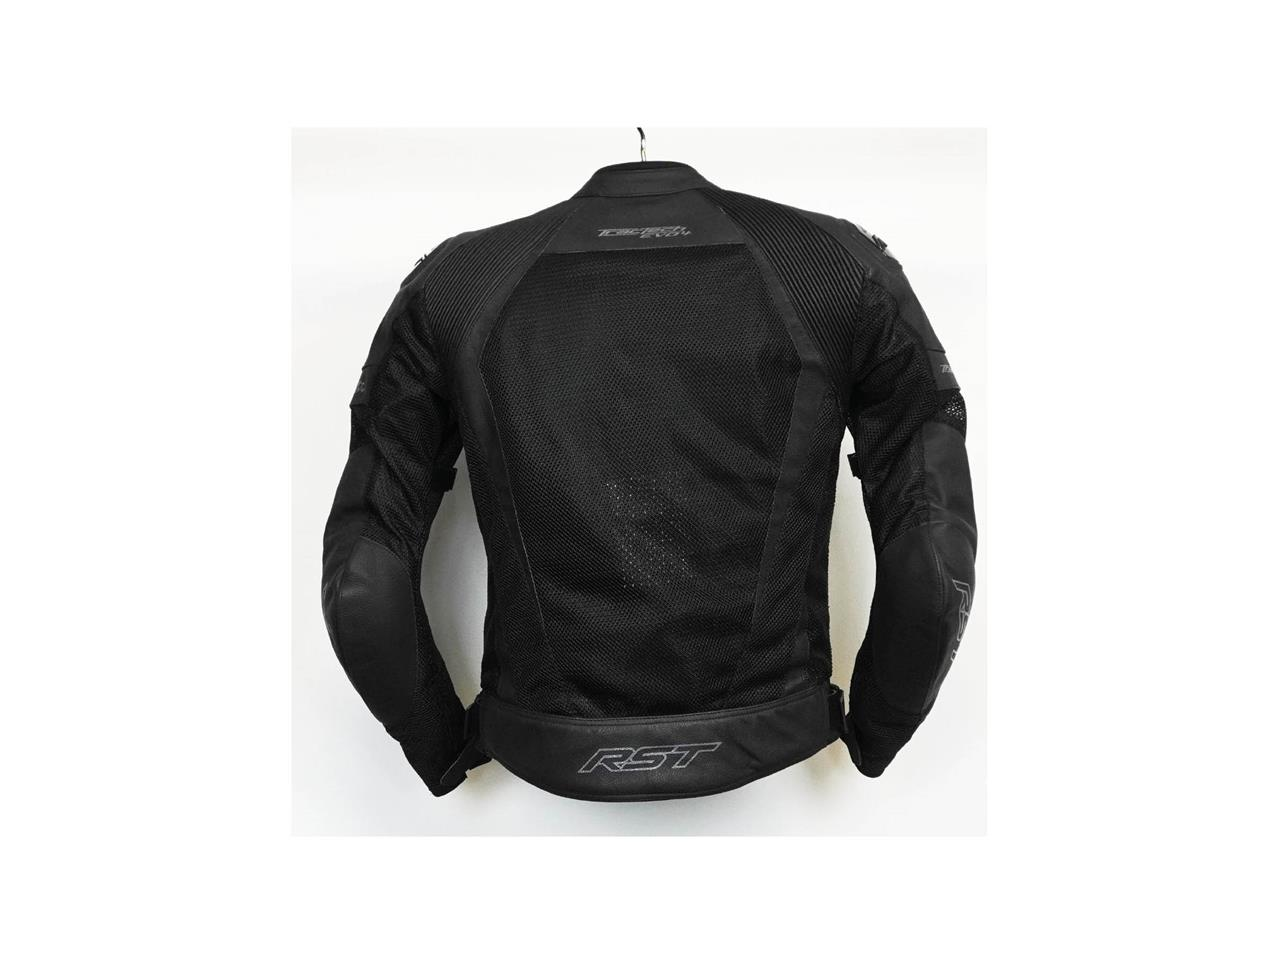 Veste RST Tractech Evo 4 cuir noir homme